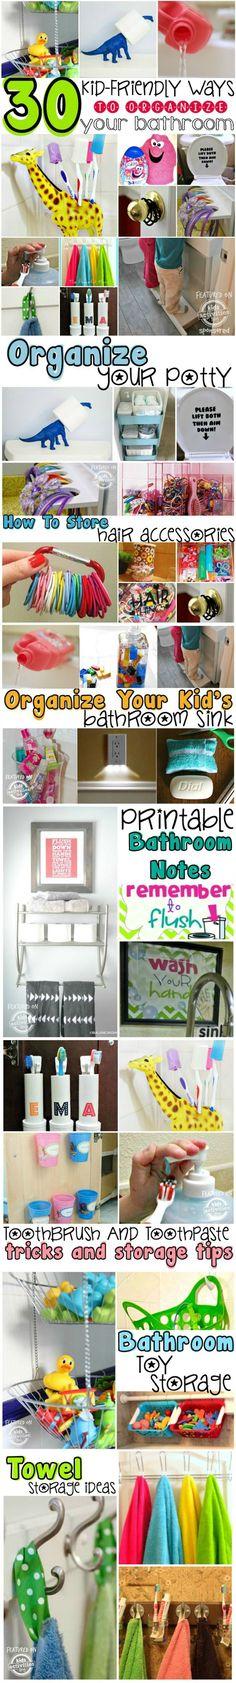 Kid-Friendly Ways To Organize A Bathroom Organization ideas – So many awesome ways to organize a bathroom just for kids! Kids Bathroom Organization, Bathroom Kids, Bathroom Storage, Organization Hacks, Bathroom Bath, Kmart Bathroom, 1920s Bathroom, Paris Bathroom, Ocean Bathroom